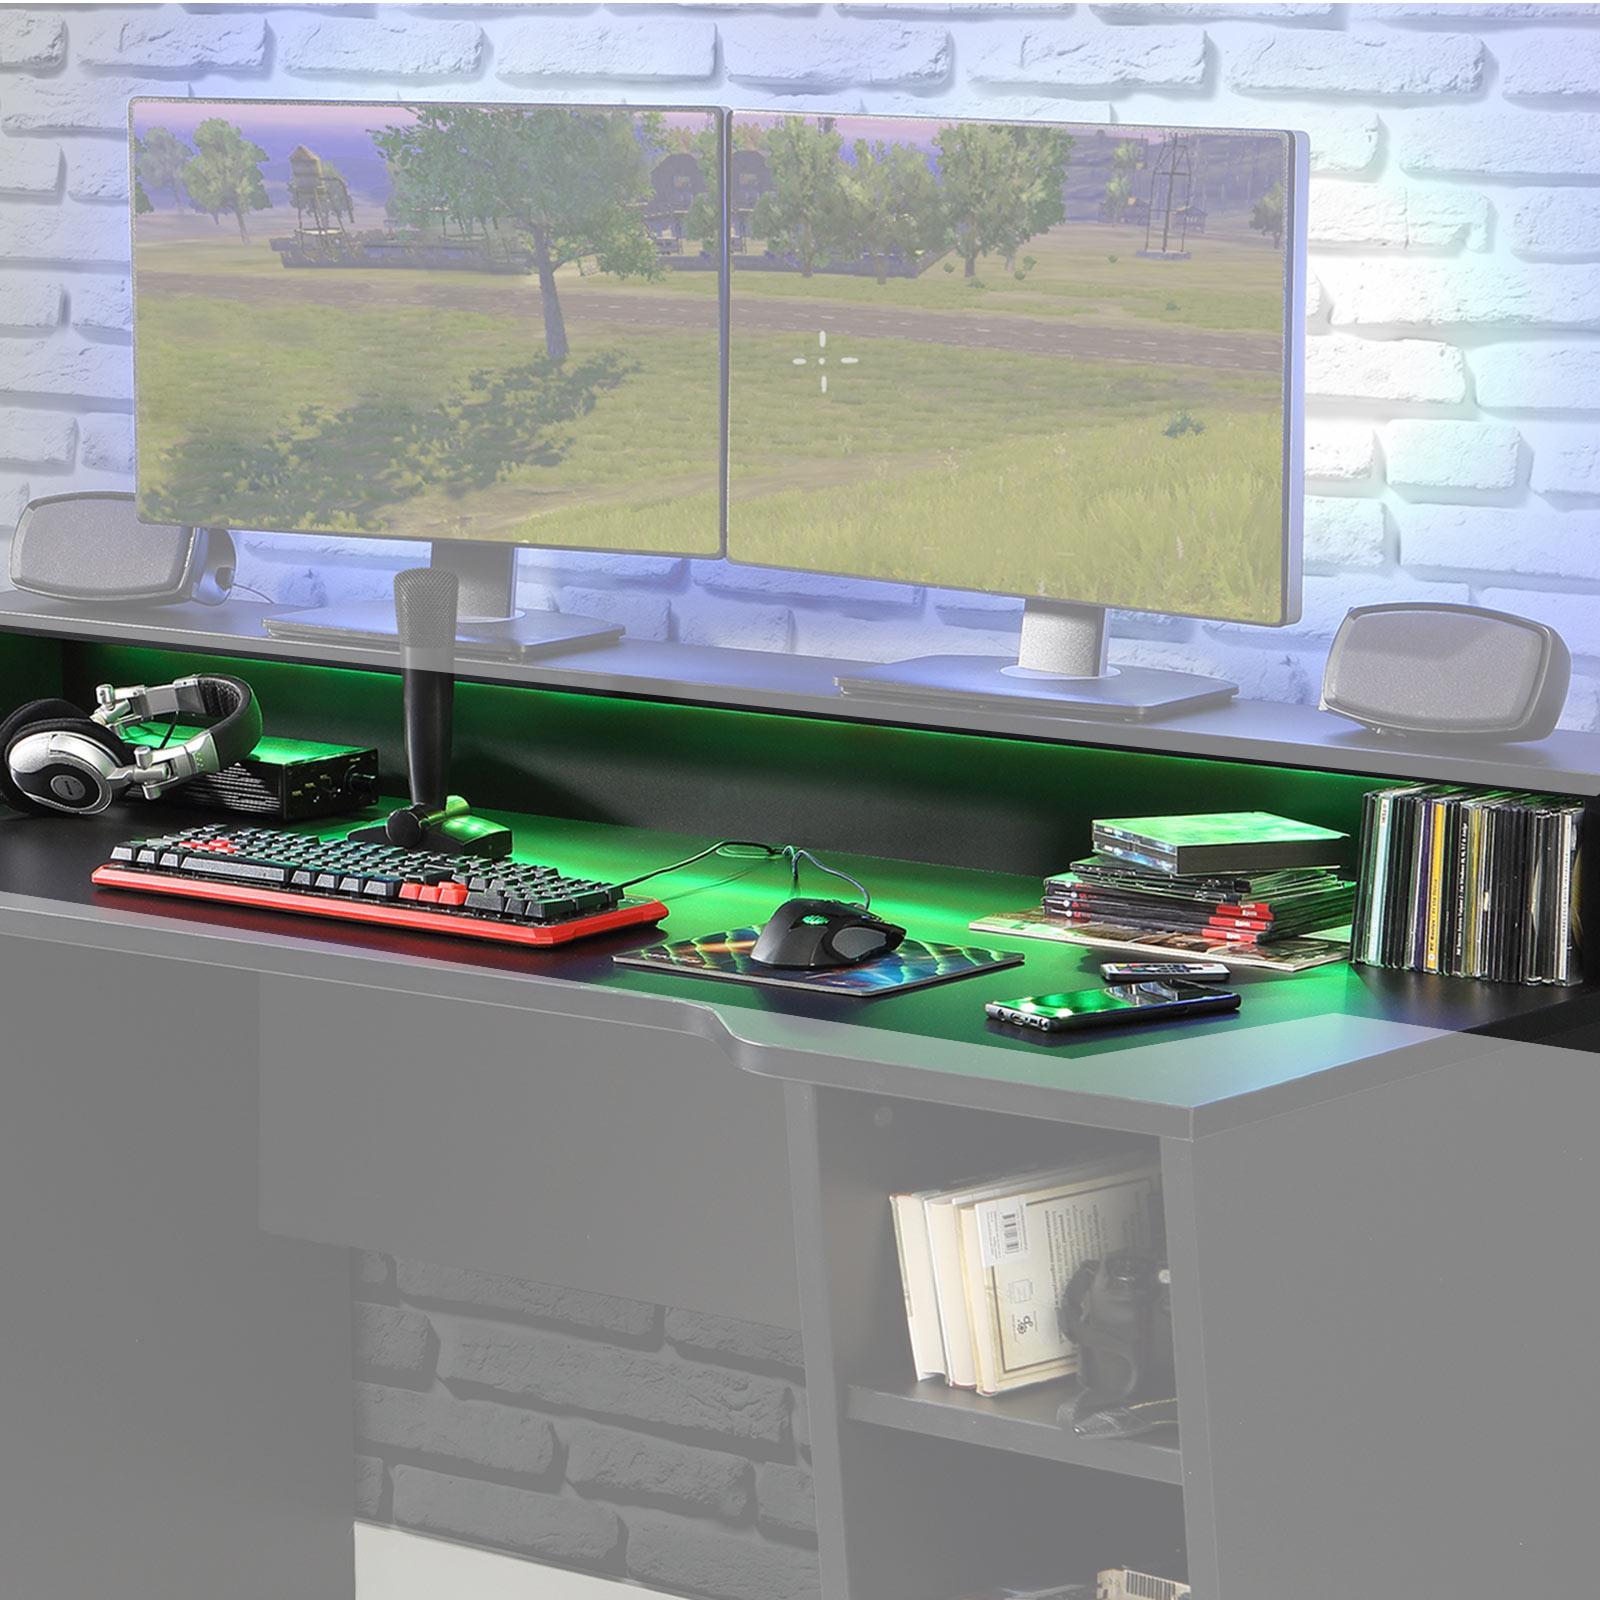 RGB LED Beleuchtung USB Anschluss | Online bei ROLLER kaufen